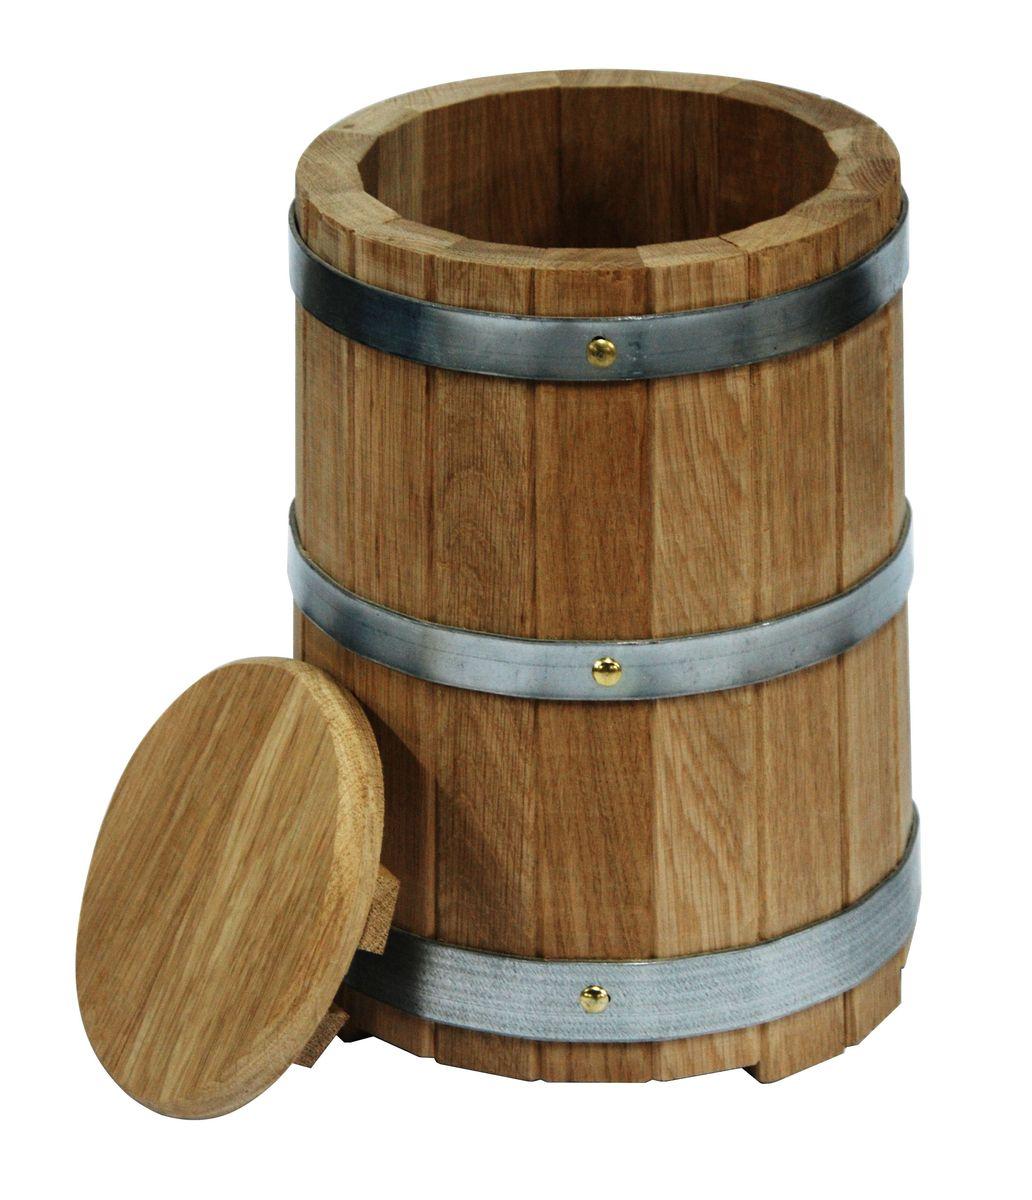 Кадка для бани Proffi Home, с гнетом, 10 лC0042416Кадка с гнетом выполнена из дуба. Она прекрасно подойдет для замачивания веника или других банных процедур, а также для хранения солений. Кадка является одной из тех приятных мелочей, без которых не обойтись при принятии банных процедур.